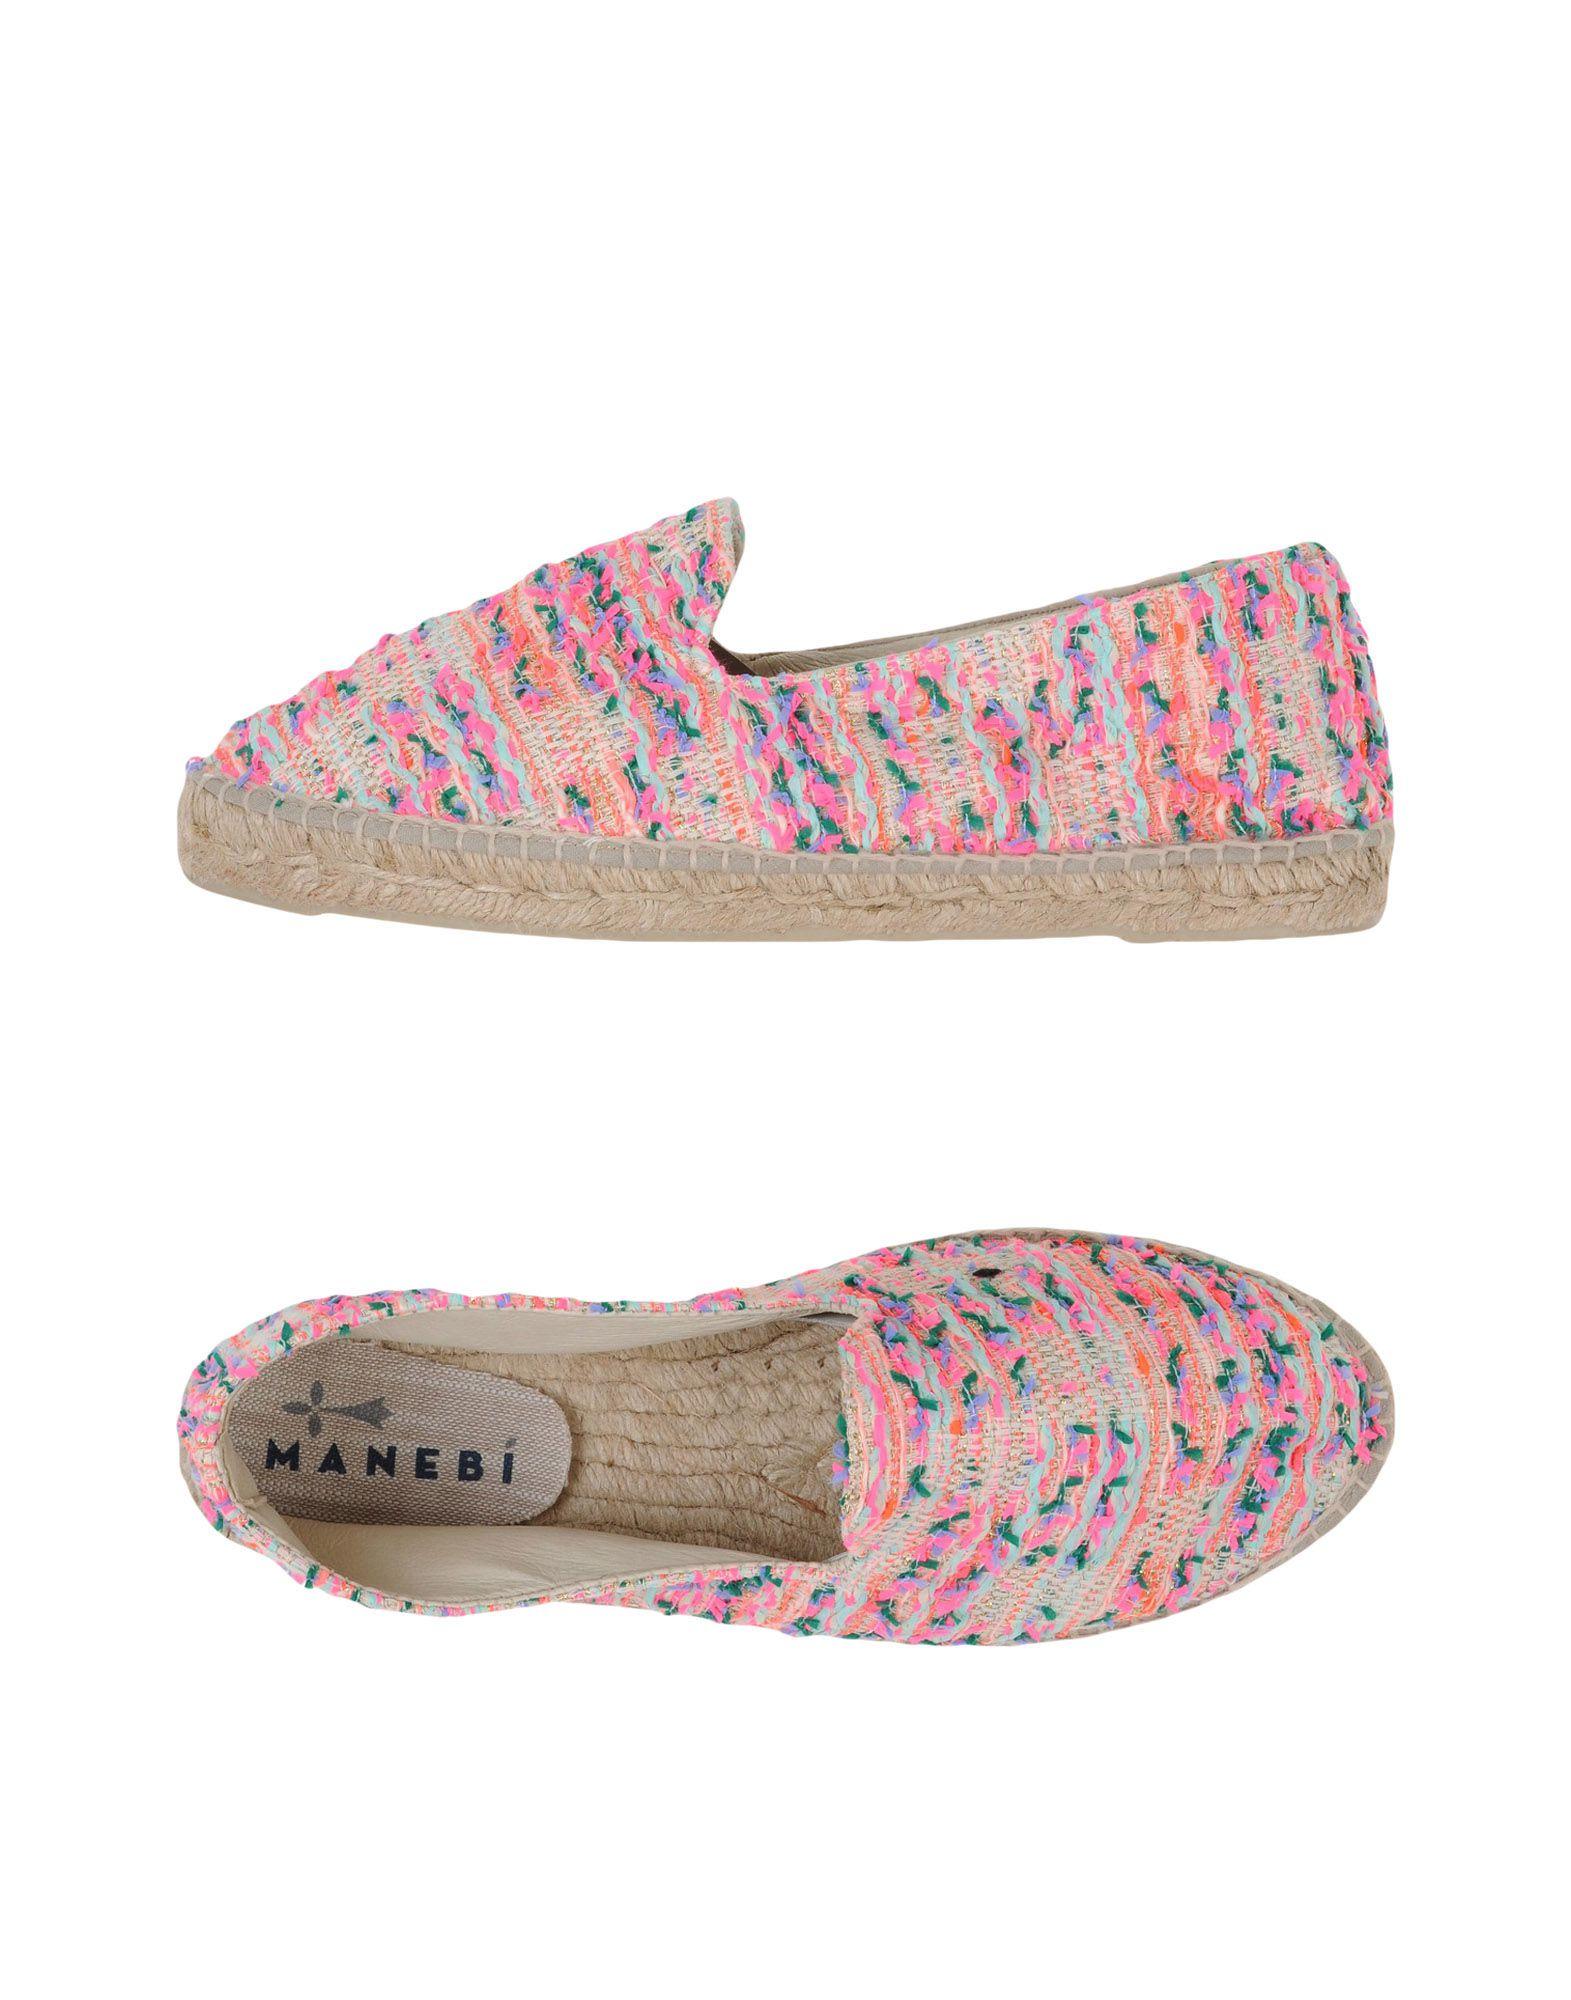 Manebí Espadrilles Damen  11134395HE Gute Schuhe Qualität beliebte Schuhe Gute b7f401